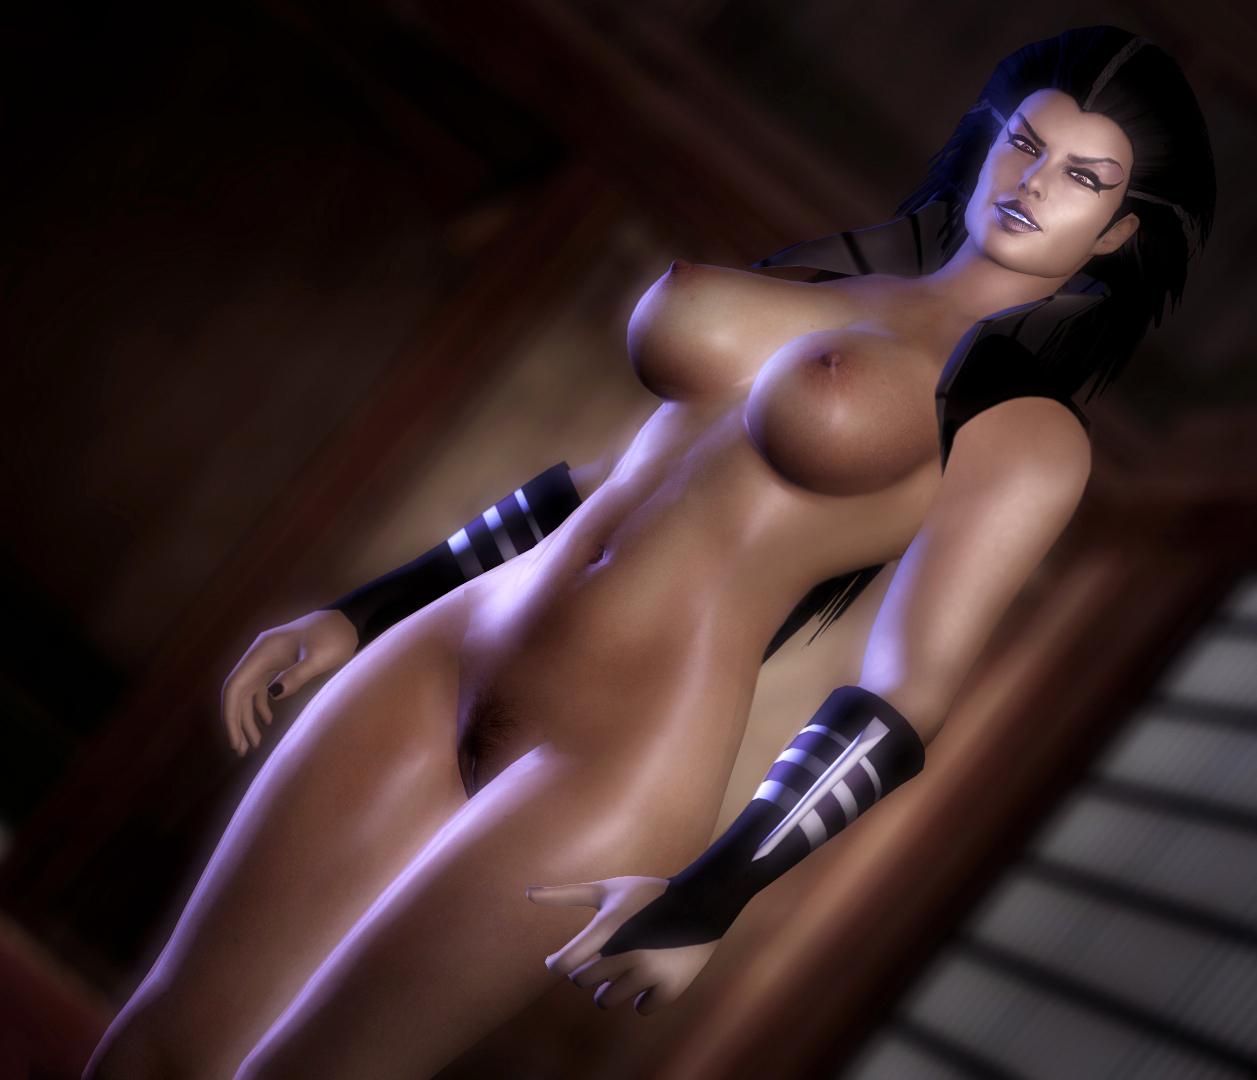 free-blowjob-sexy-mortal-kombat-girls-naked-hegan